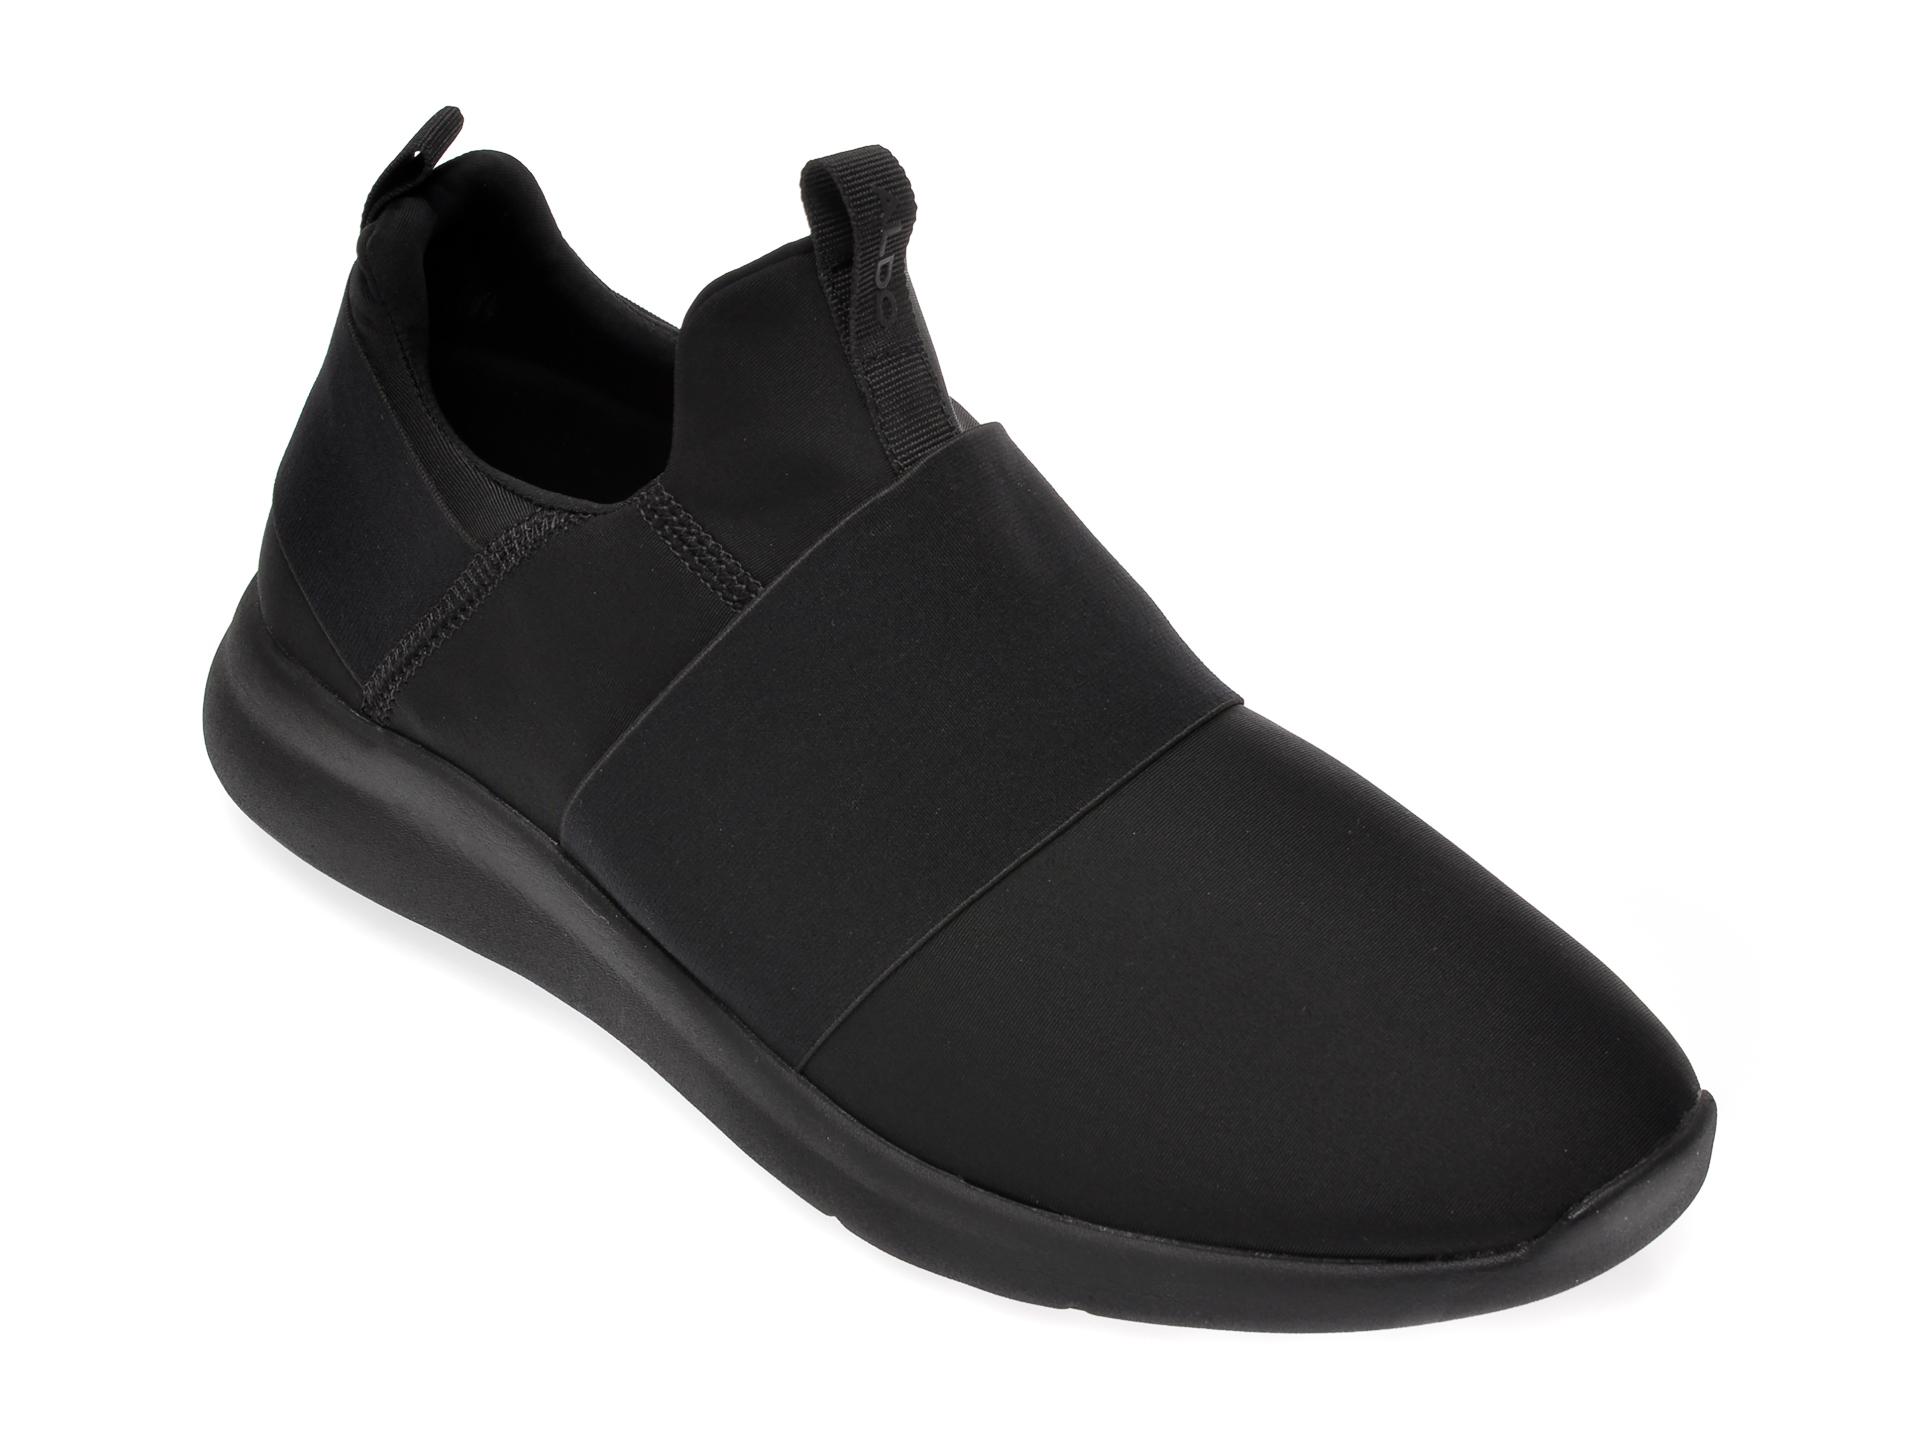 Pantofi sport ALDO negri, Nedlands008, din material textil